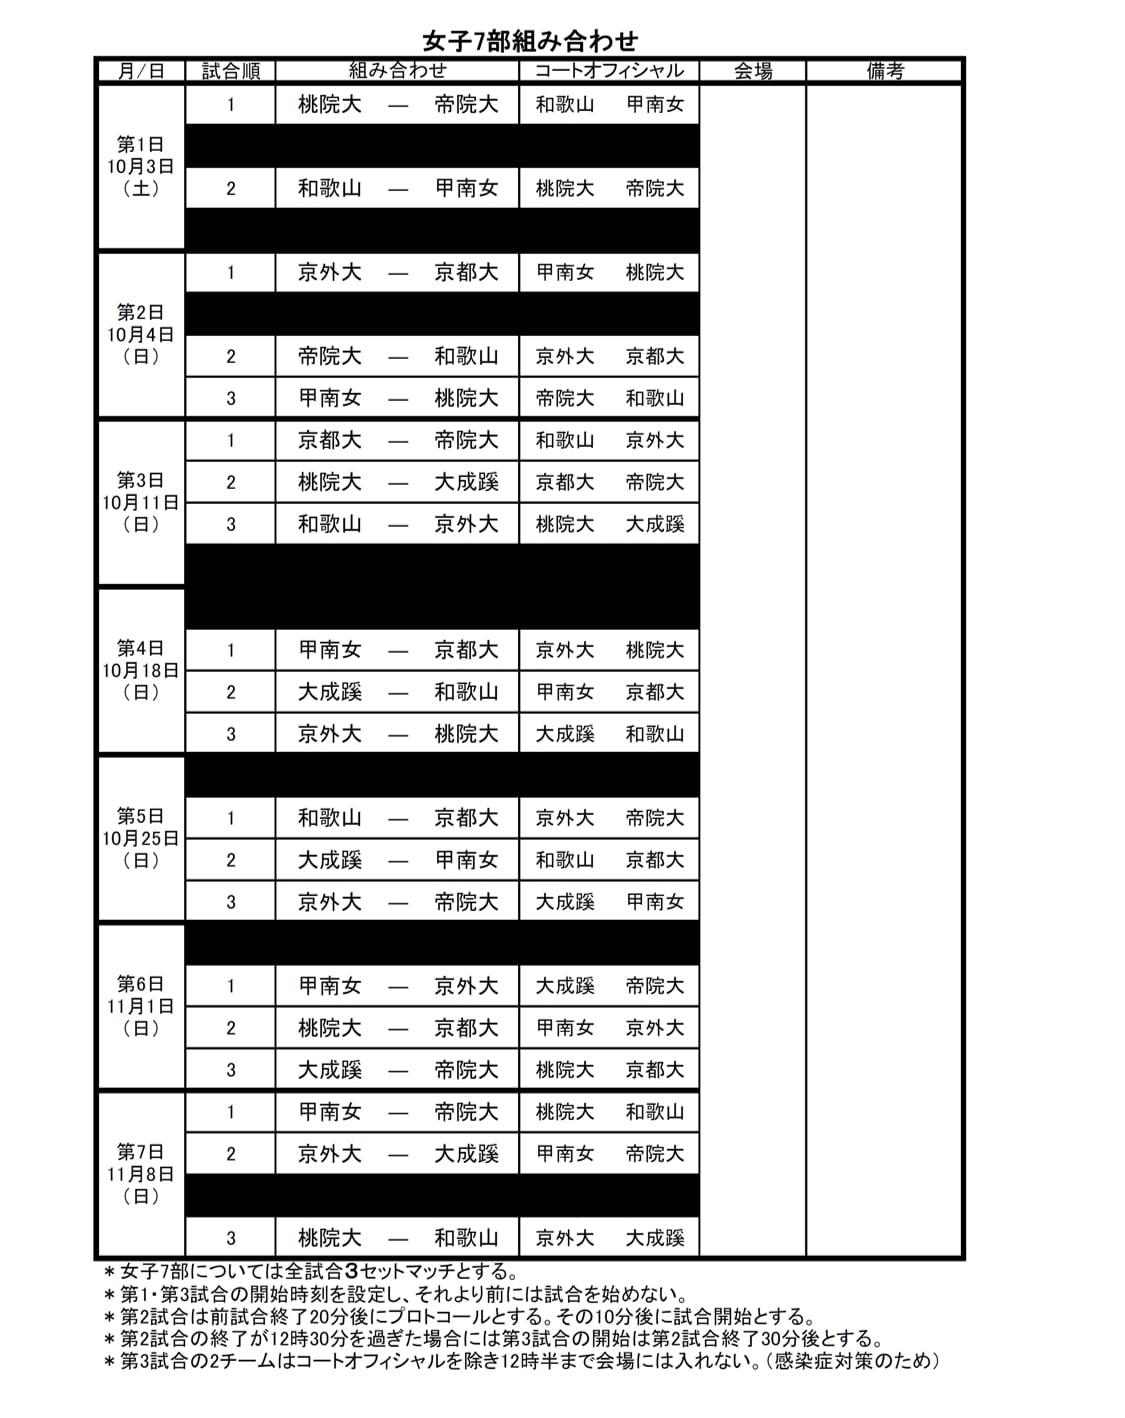 2020年度_関西大学バレーボール_秋季リーグ_女子7部_組合せ